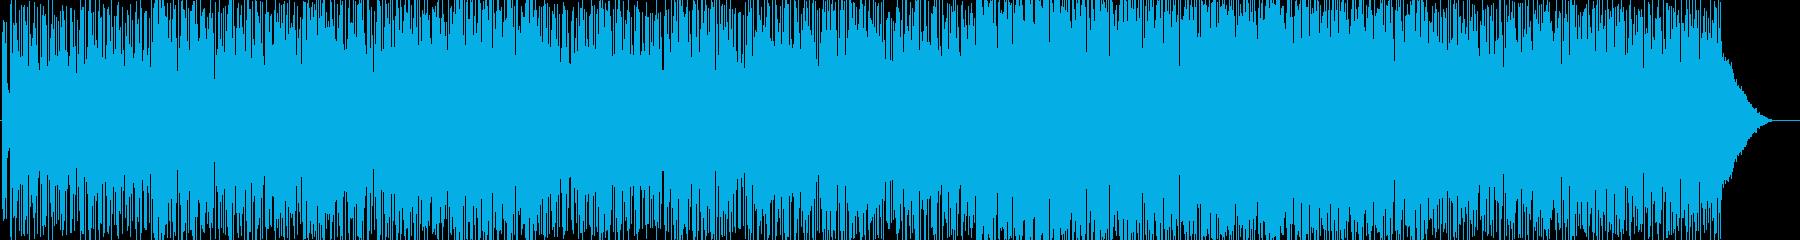 軽快、さわやか、情報、いきいき、明るいの再生済みの波形